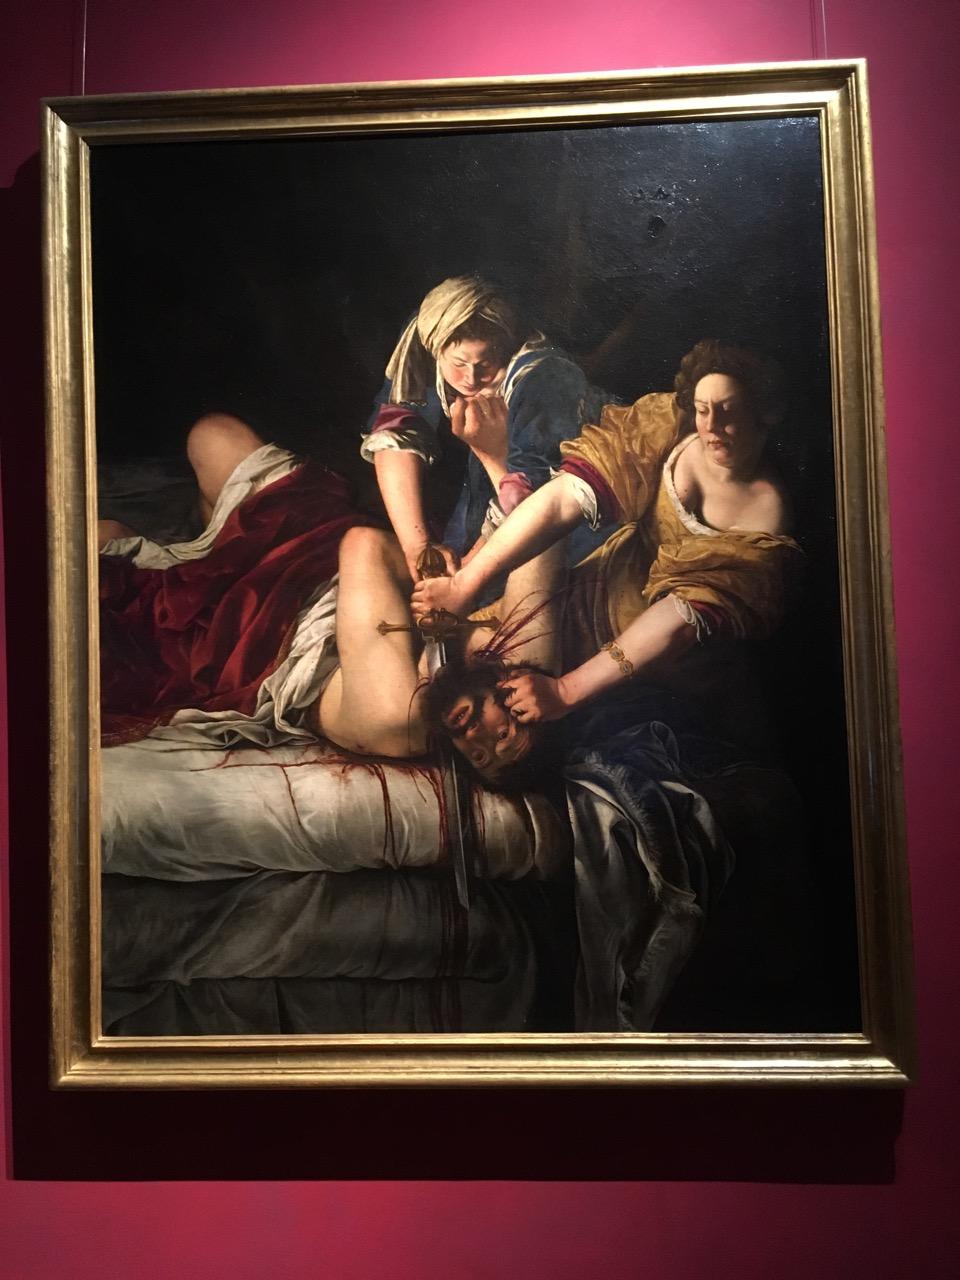 阿尔泰米西娅·真蒂莱斯基的《犹迪割下赫罗弗尼斯的头颅》,1620